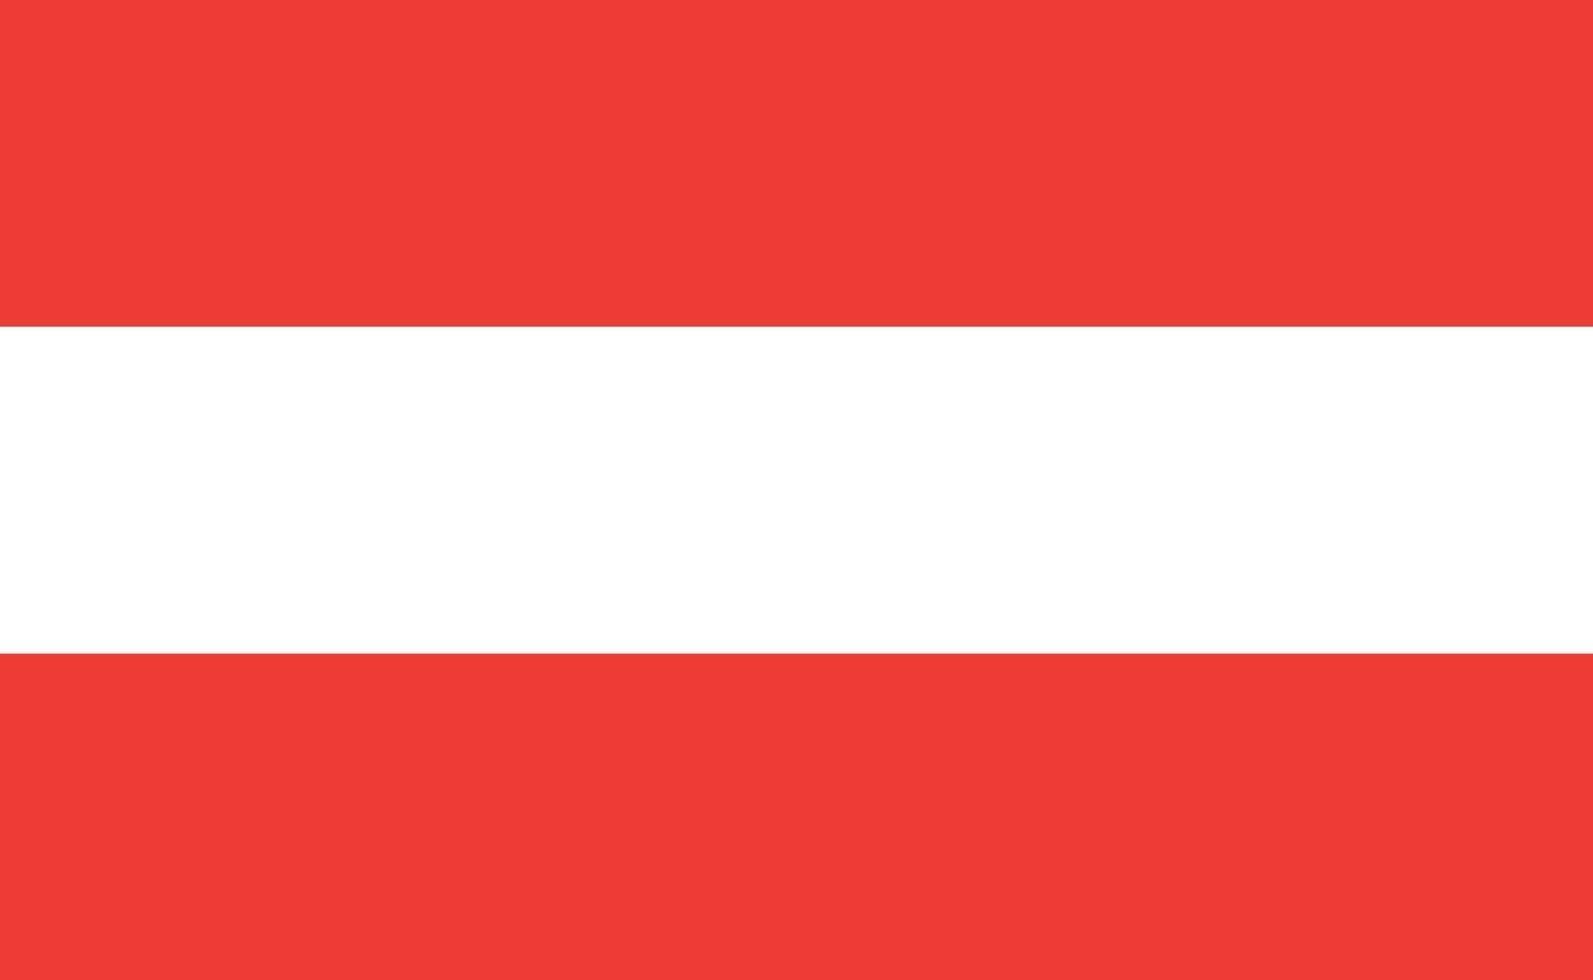 österrikes nationella flagga i exakta proportioner - vektorillustration vektor